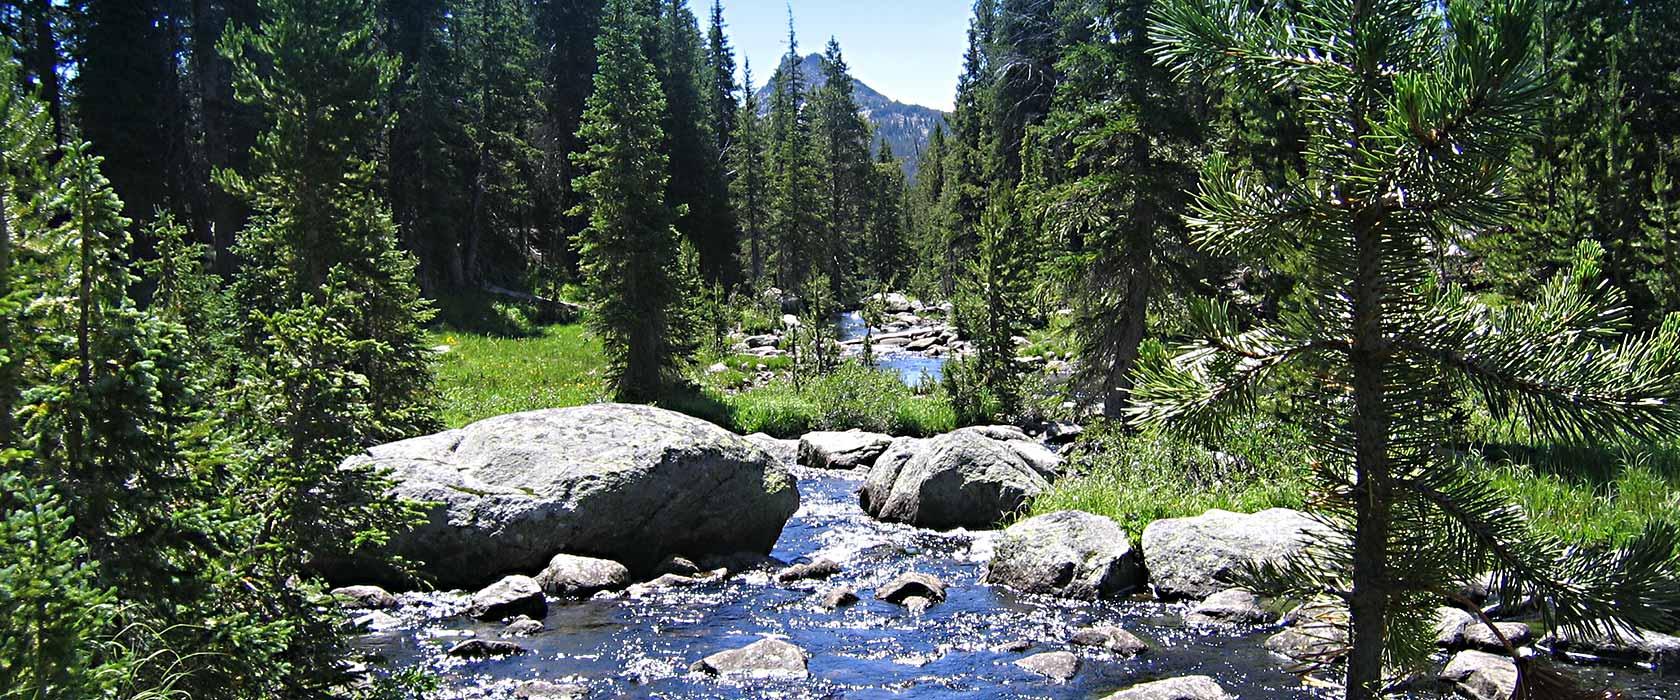 Stockade Creek / Search Wyoming MLS